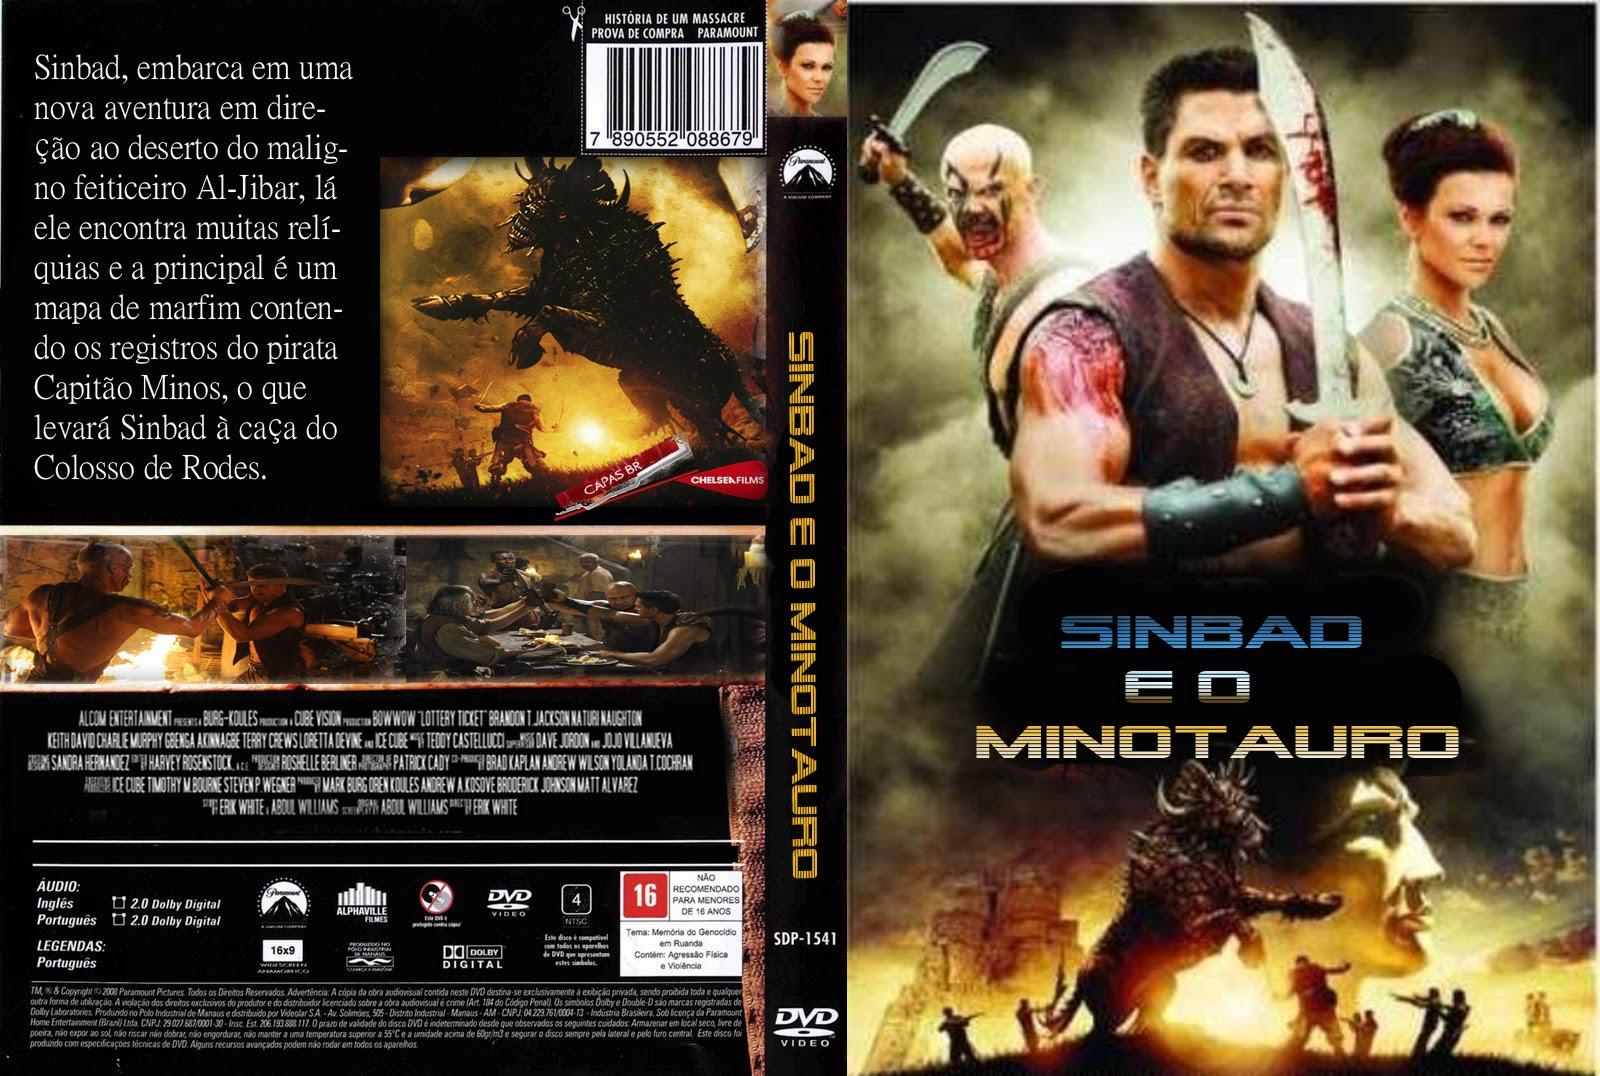 Sinbad e o Minotauro DVDRip XviD Dual Áudio Sinbad 2Be 2Bo 2BMinotauro 2B  2BXANDAODOWNLOAD